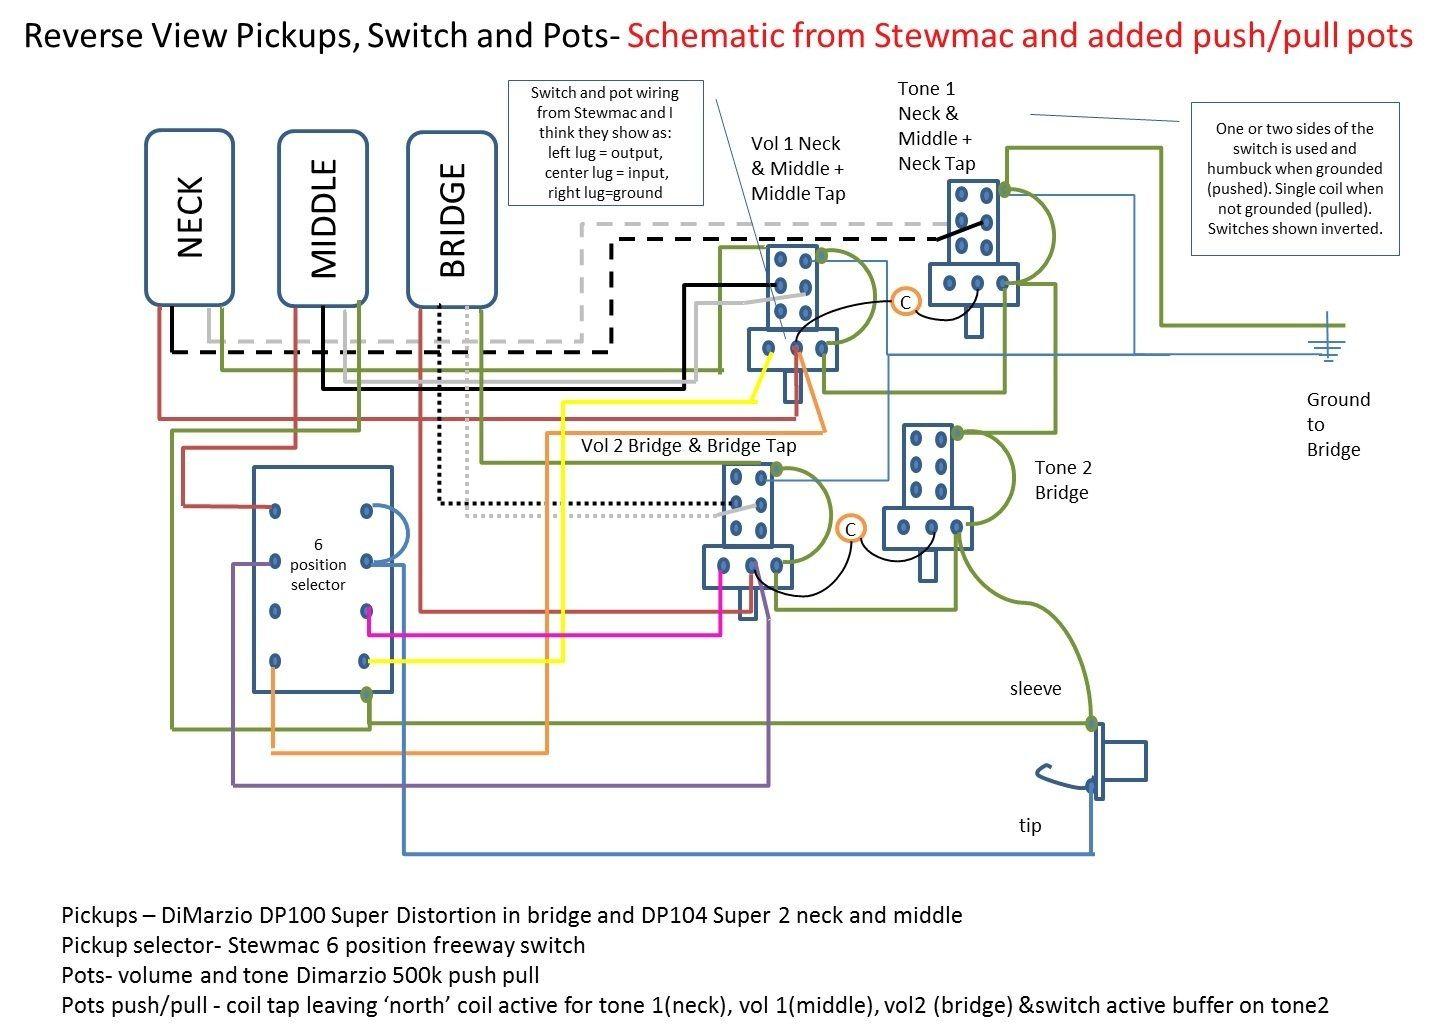 stewmac wiring diagrams wiring diagram inside stewmac wiring diagrams [ 1437 x 1036 Pixel ]